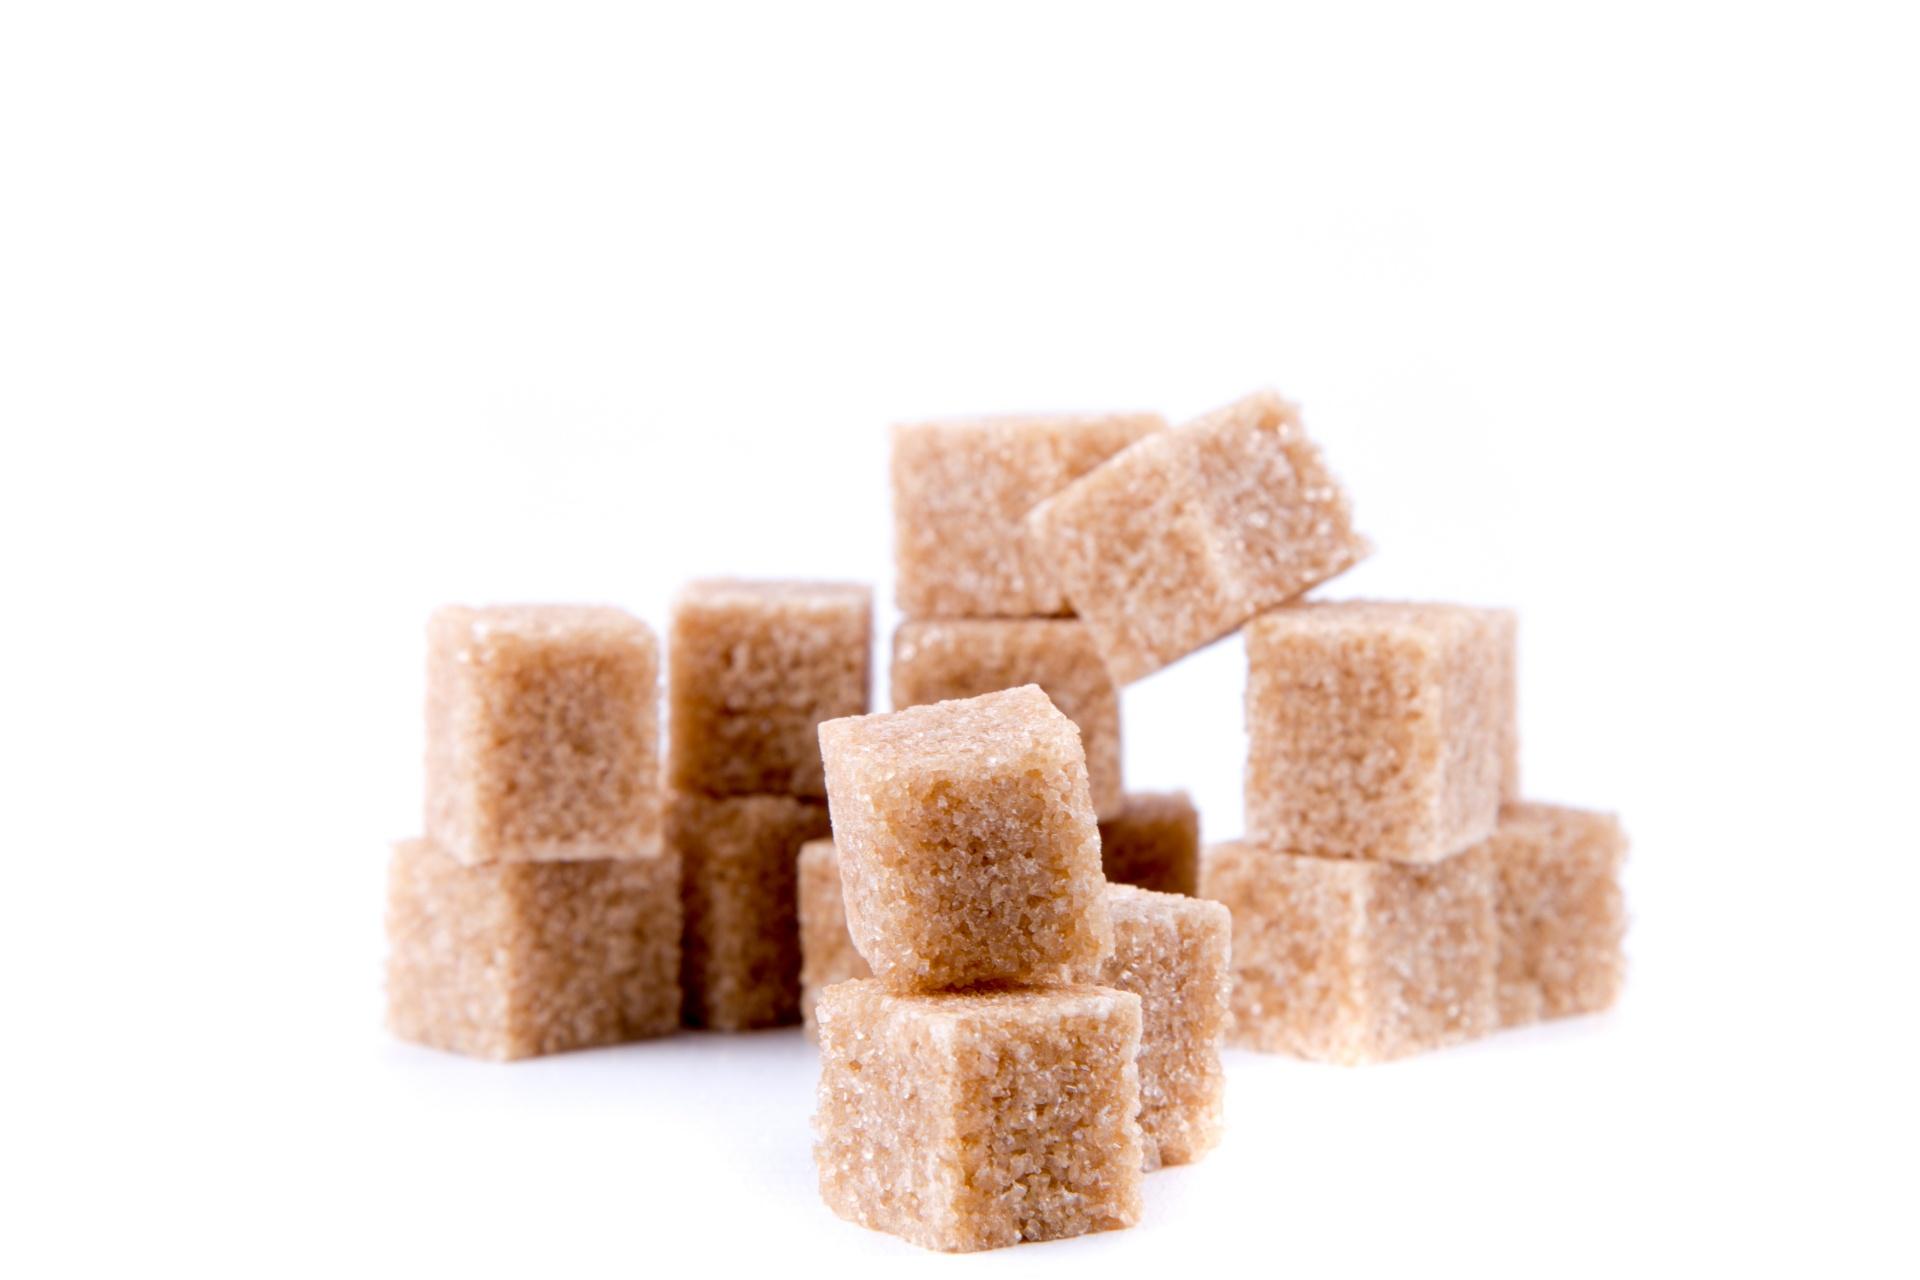 brown-cane-sugar-cubes-1462970481pwx.jpg